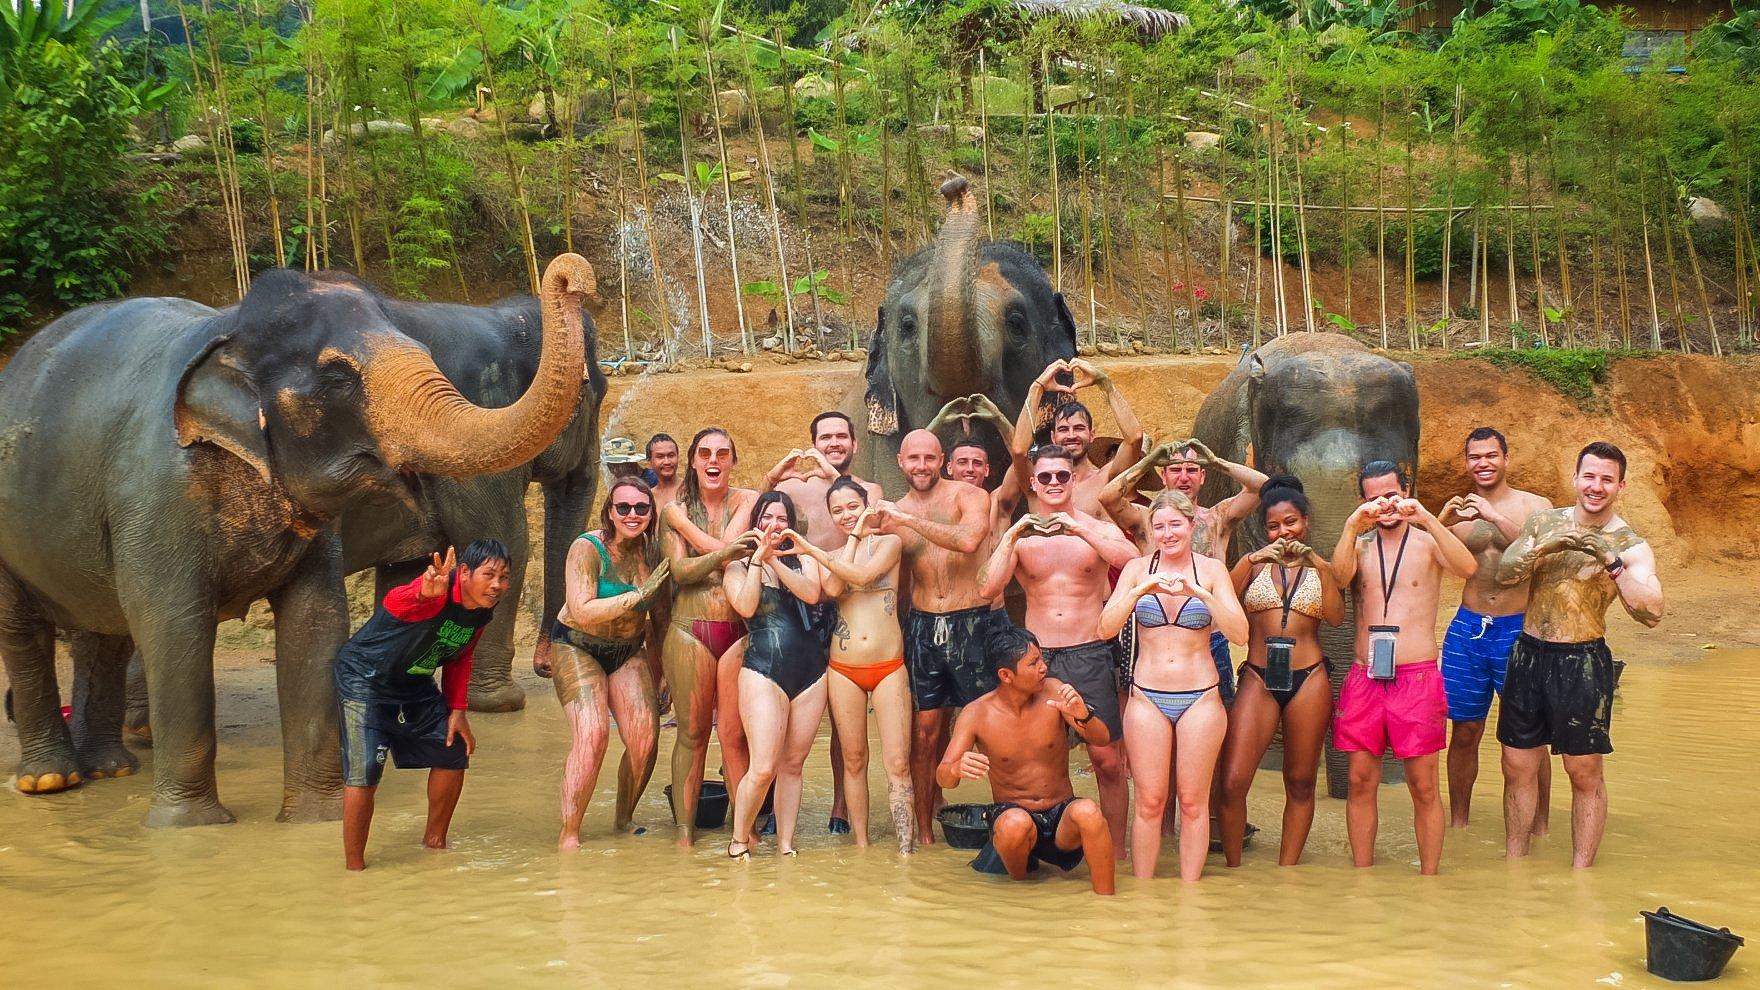 Elephant Sanctuary is one of the ethical elephant tourism in Phuket, Thailand